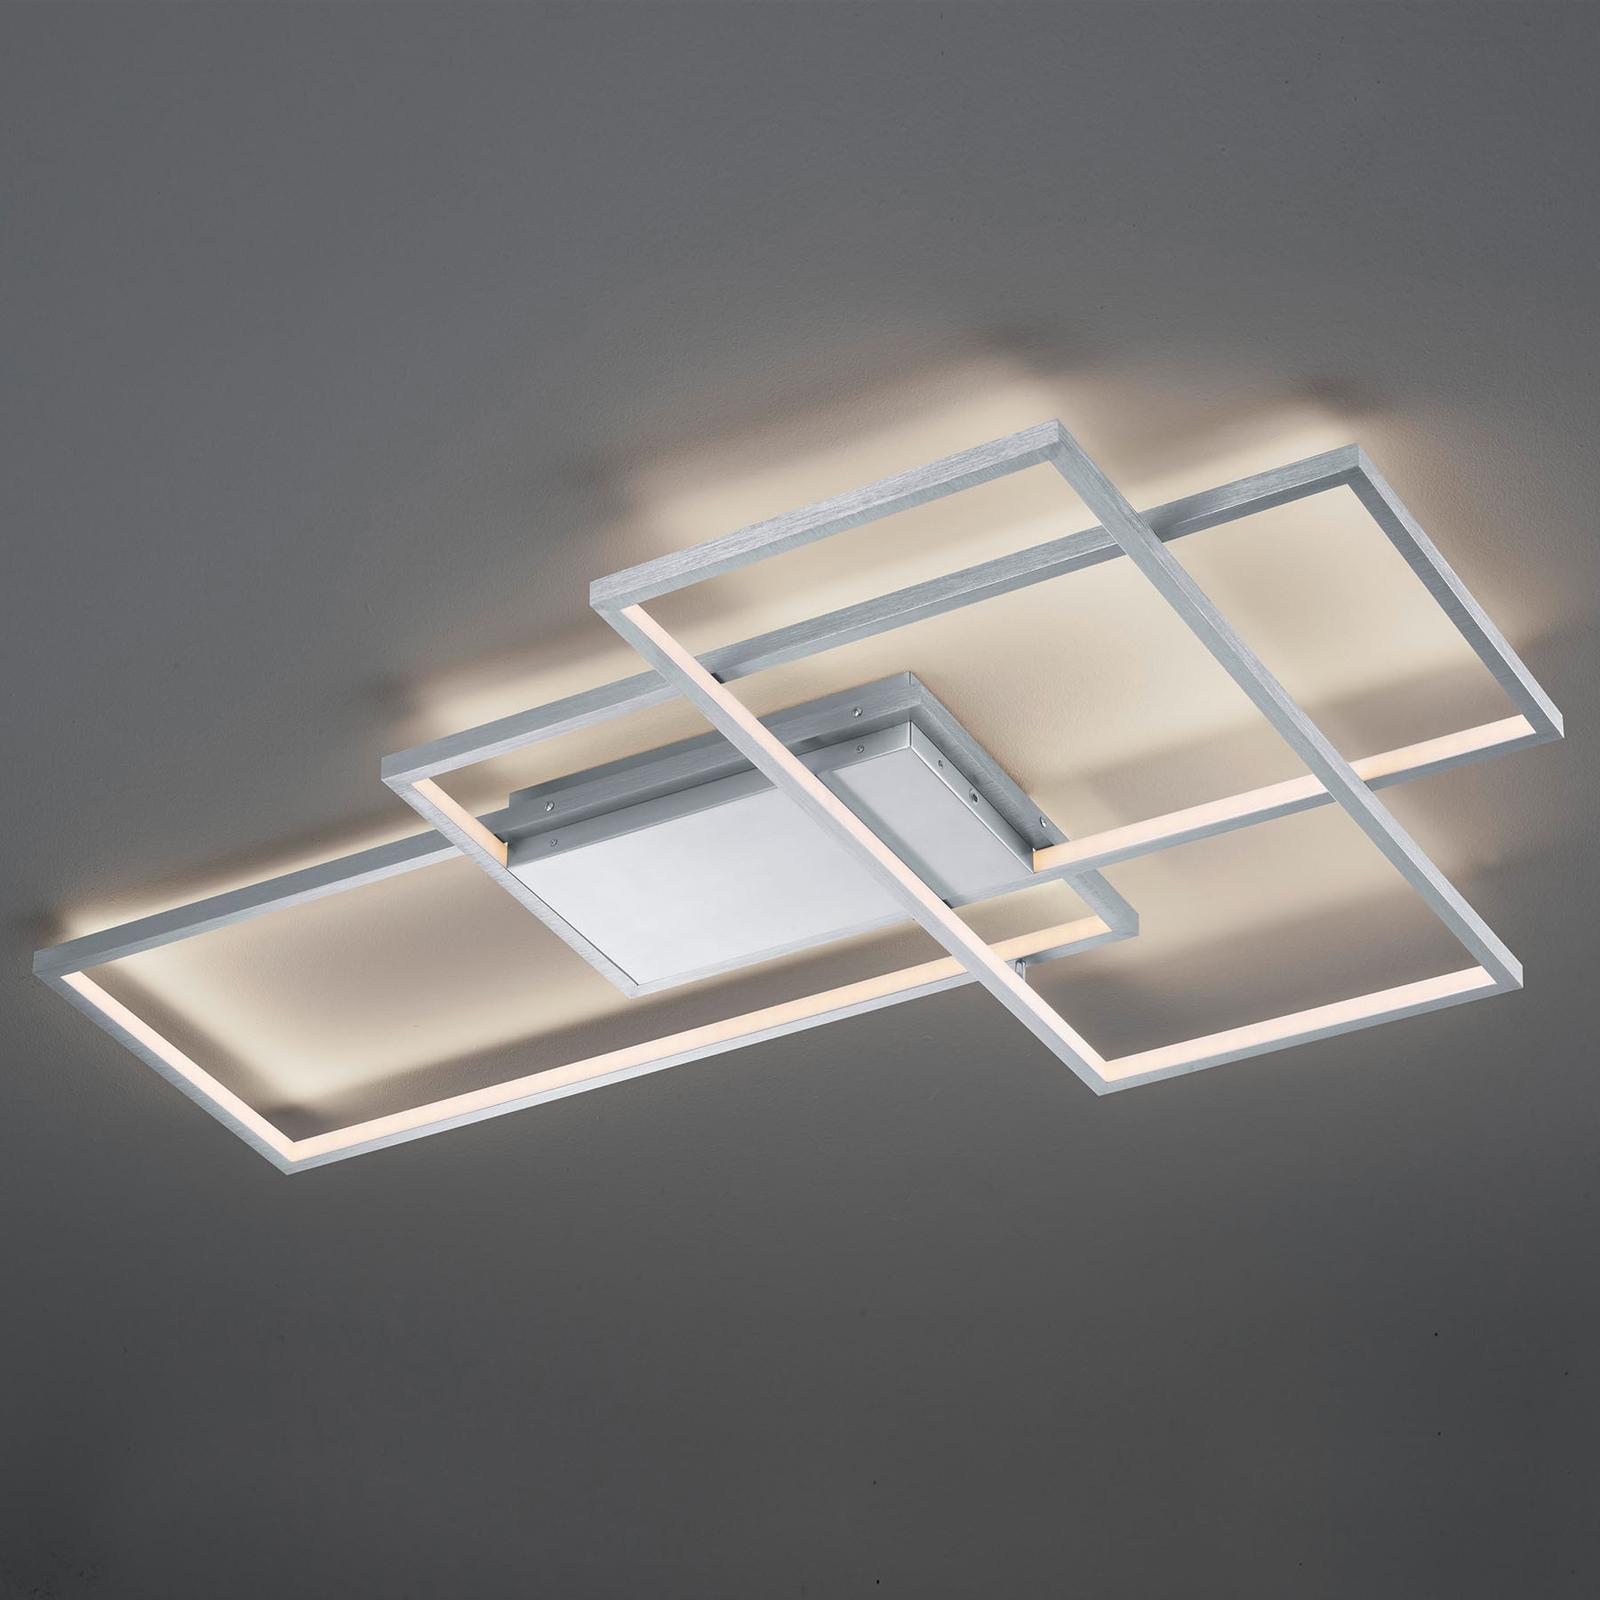 Trio WiZ Thiago LED-kattovalaisin 114 cm, nikkeli